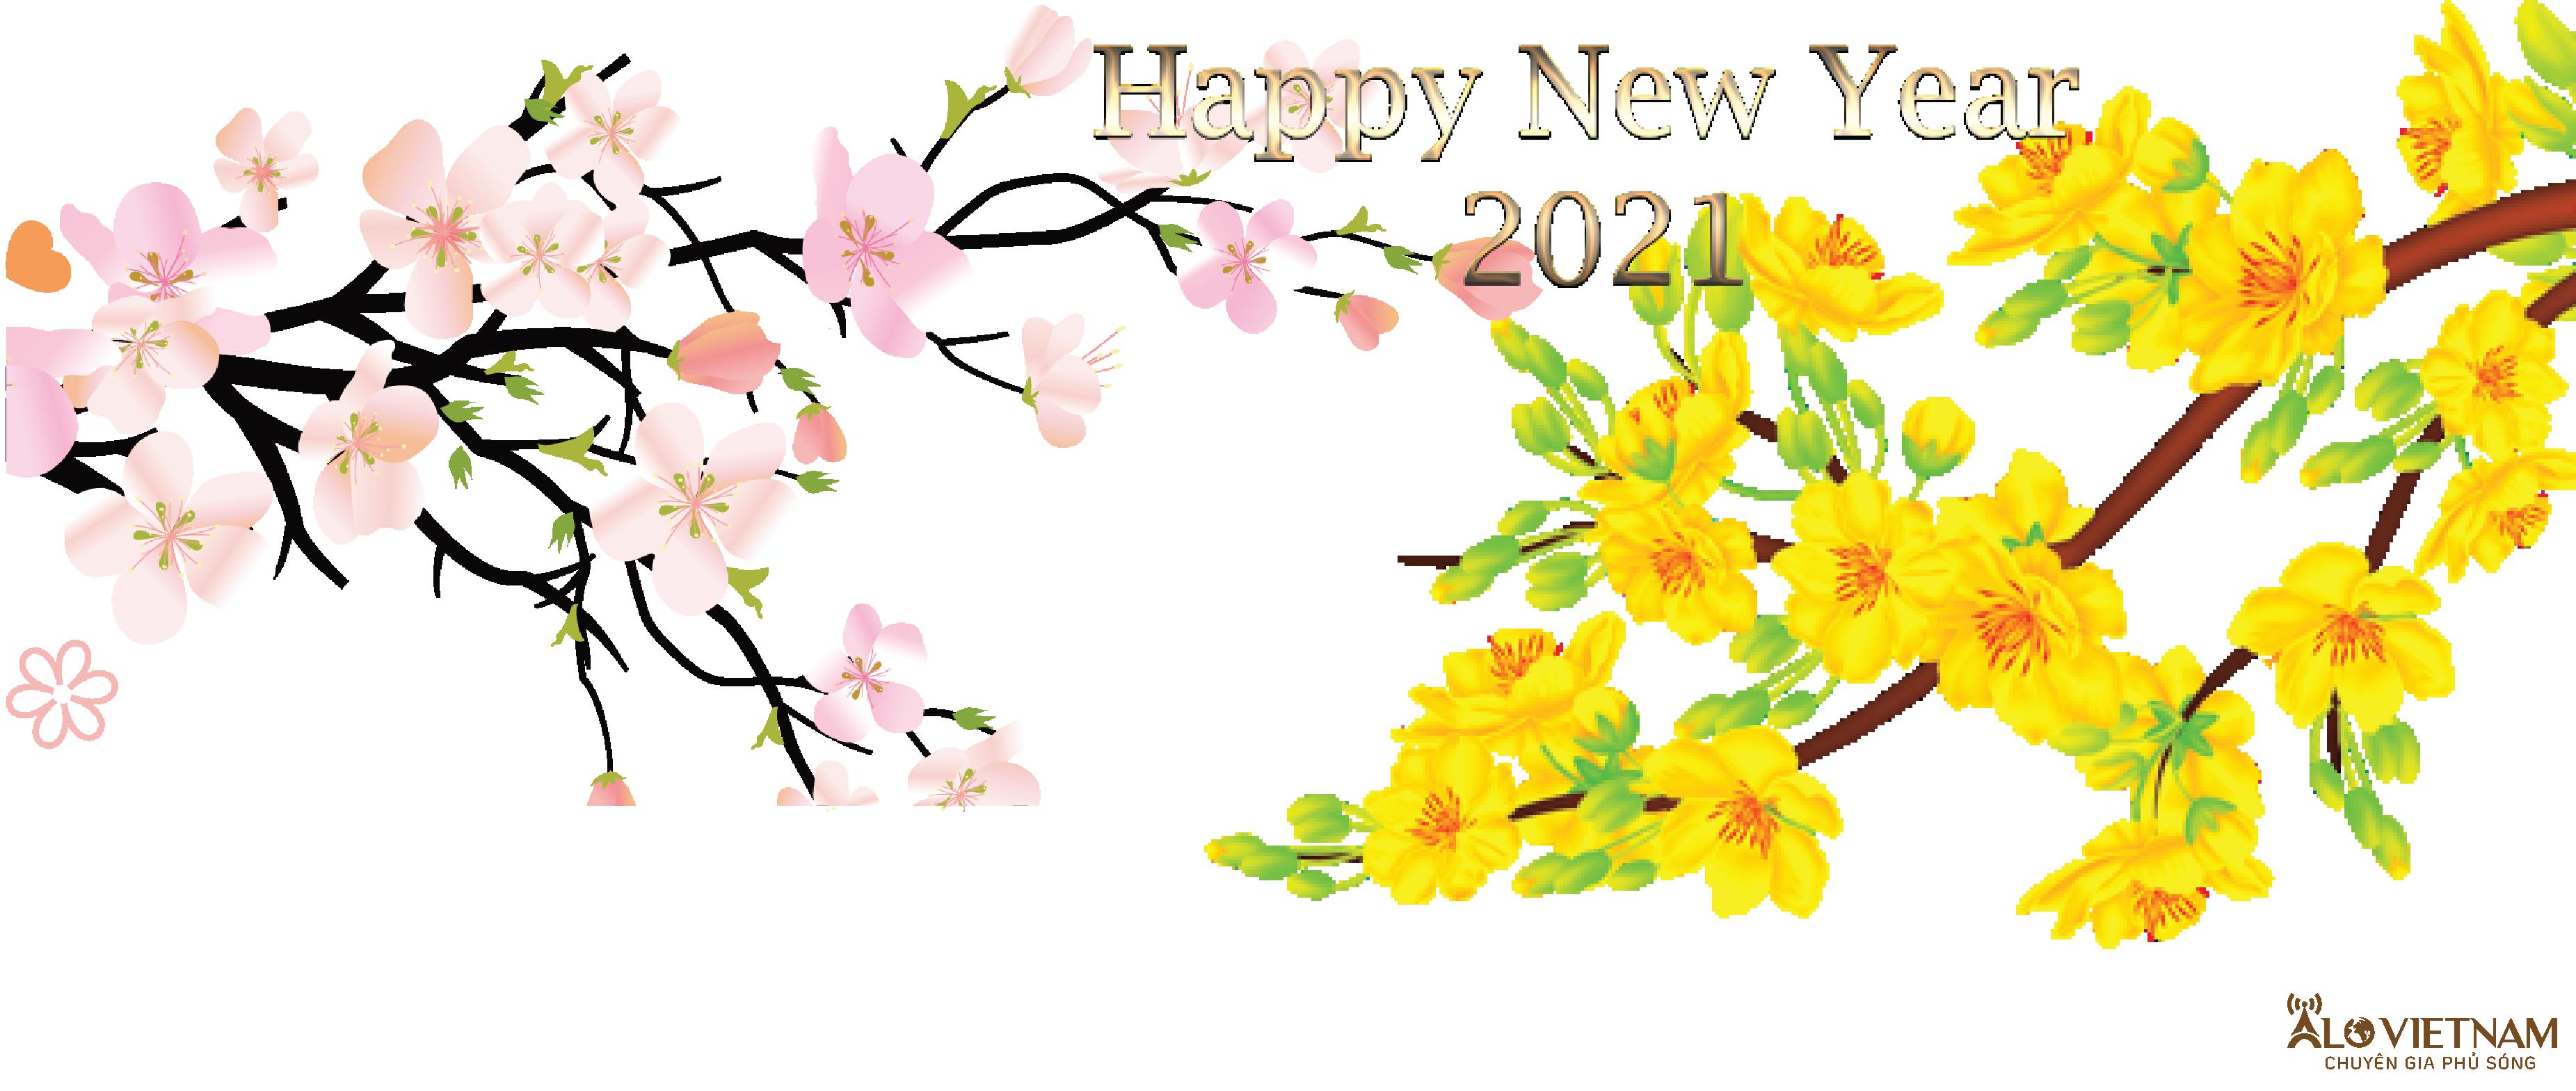 Công ty Alo Việt Nam chúc mừng năm mới